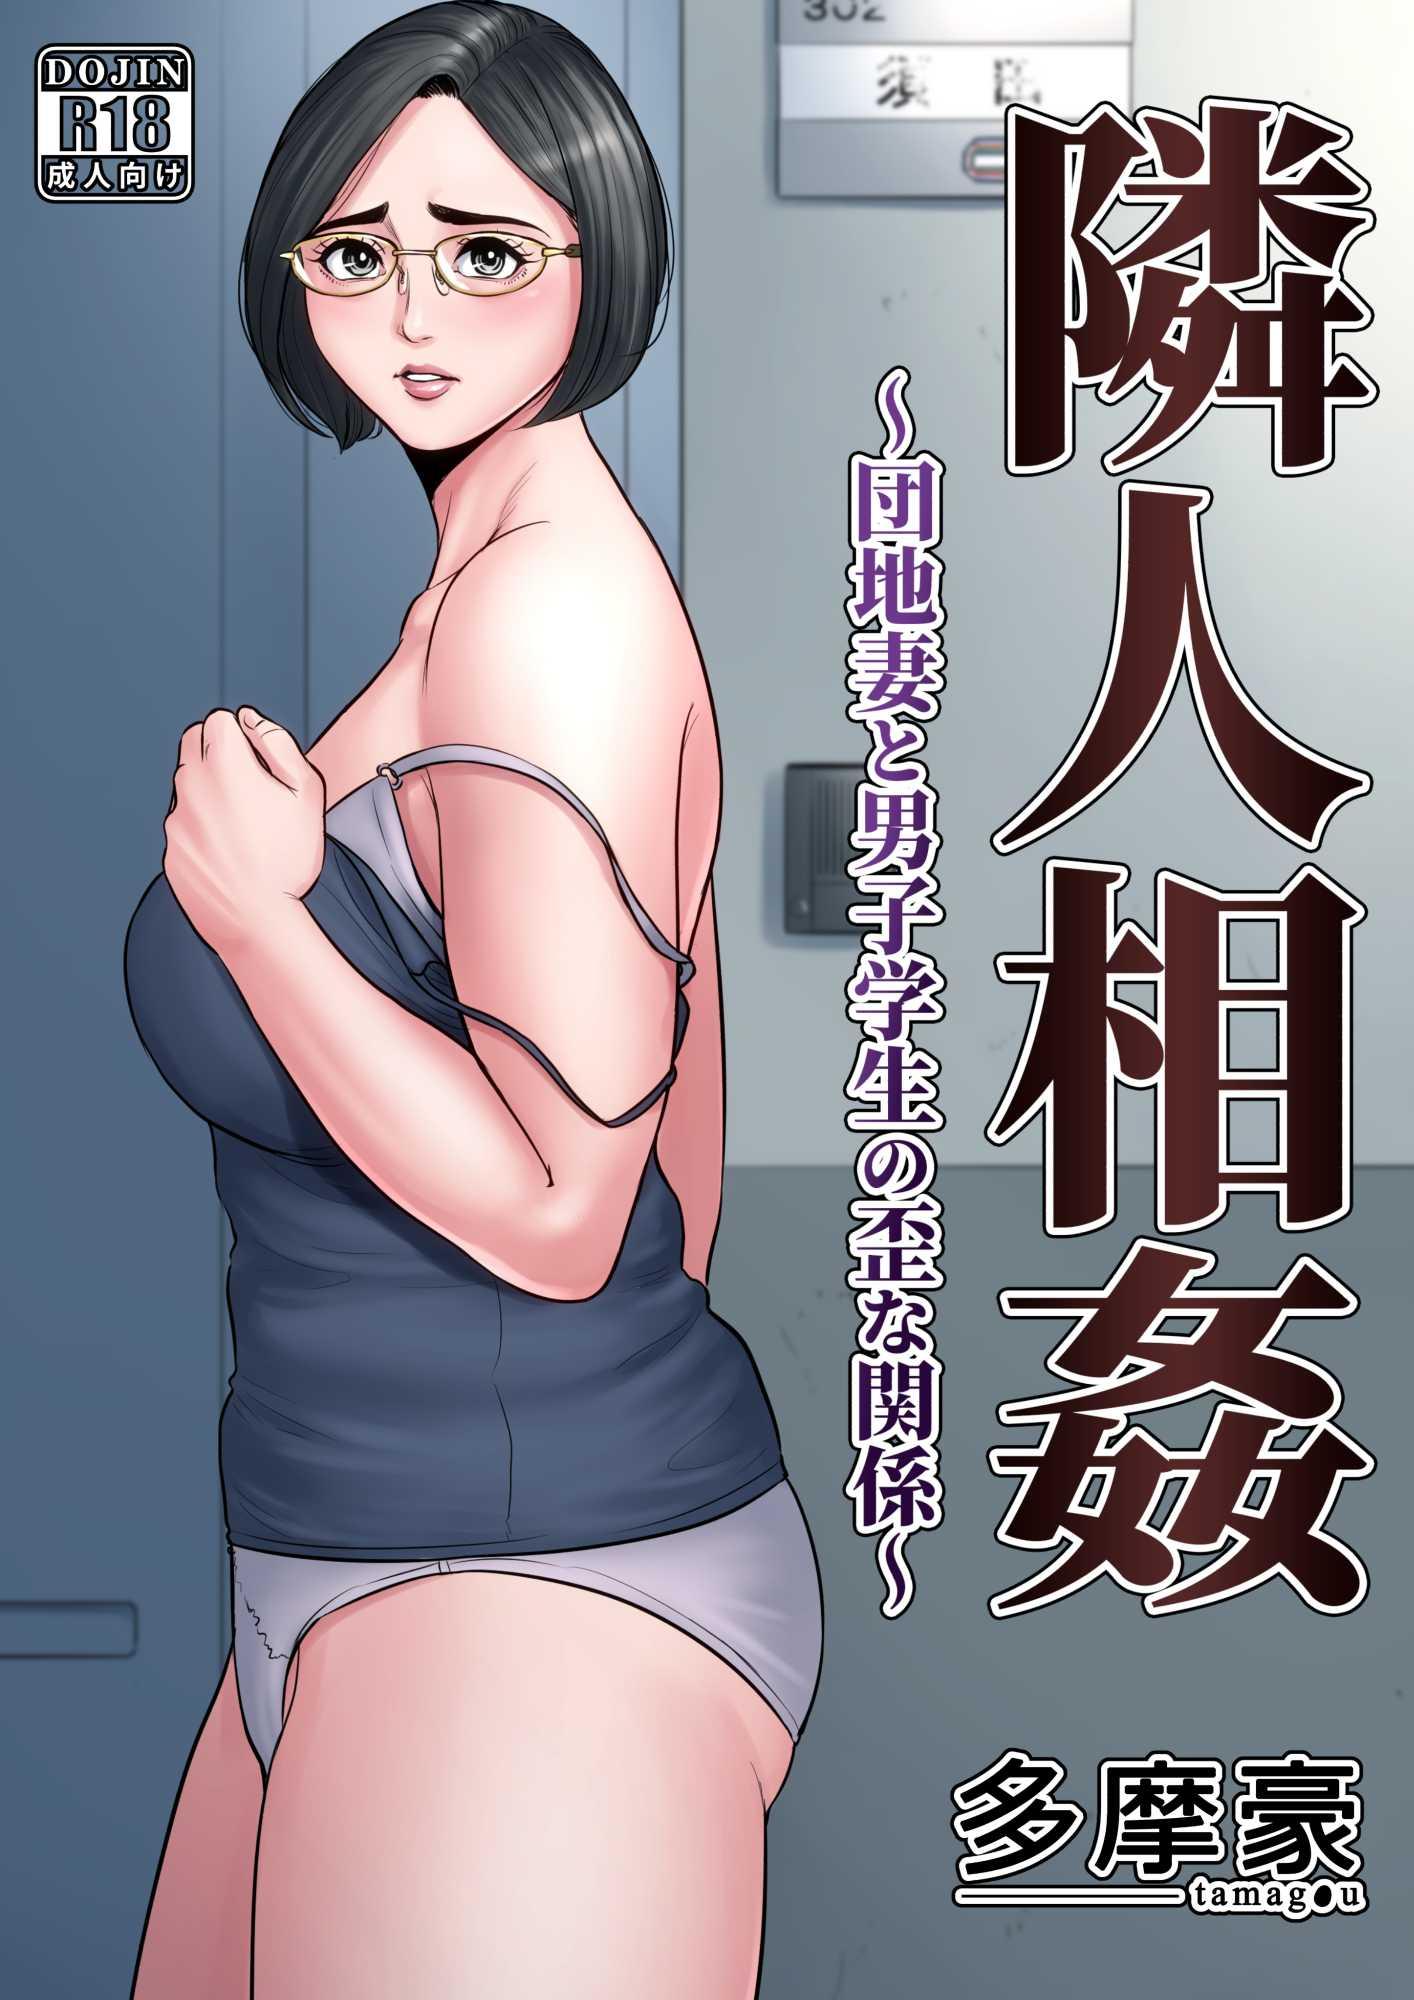 tamagou-rinjin-soukan-danchi-tsuma-to-danshi-gakusei-no-ibitsuna-kankei